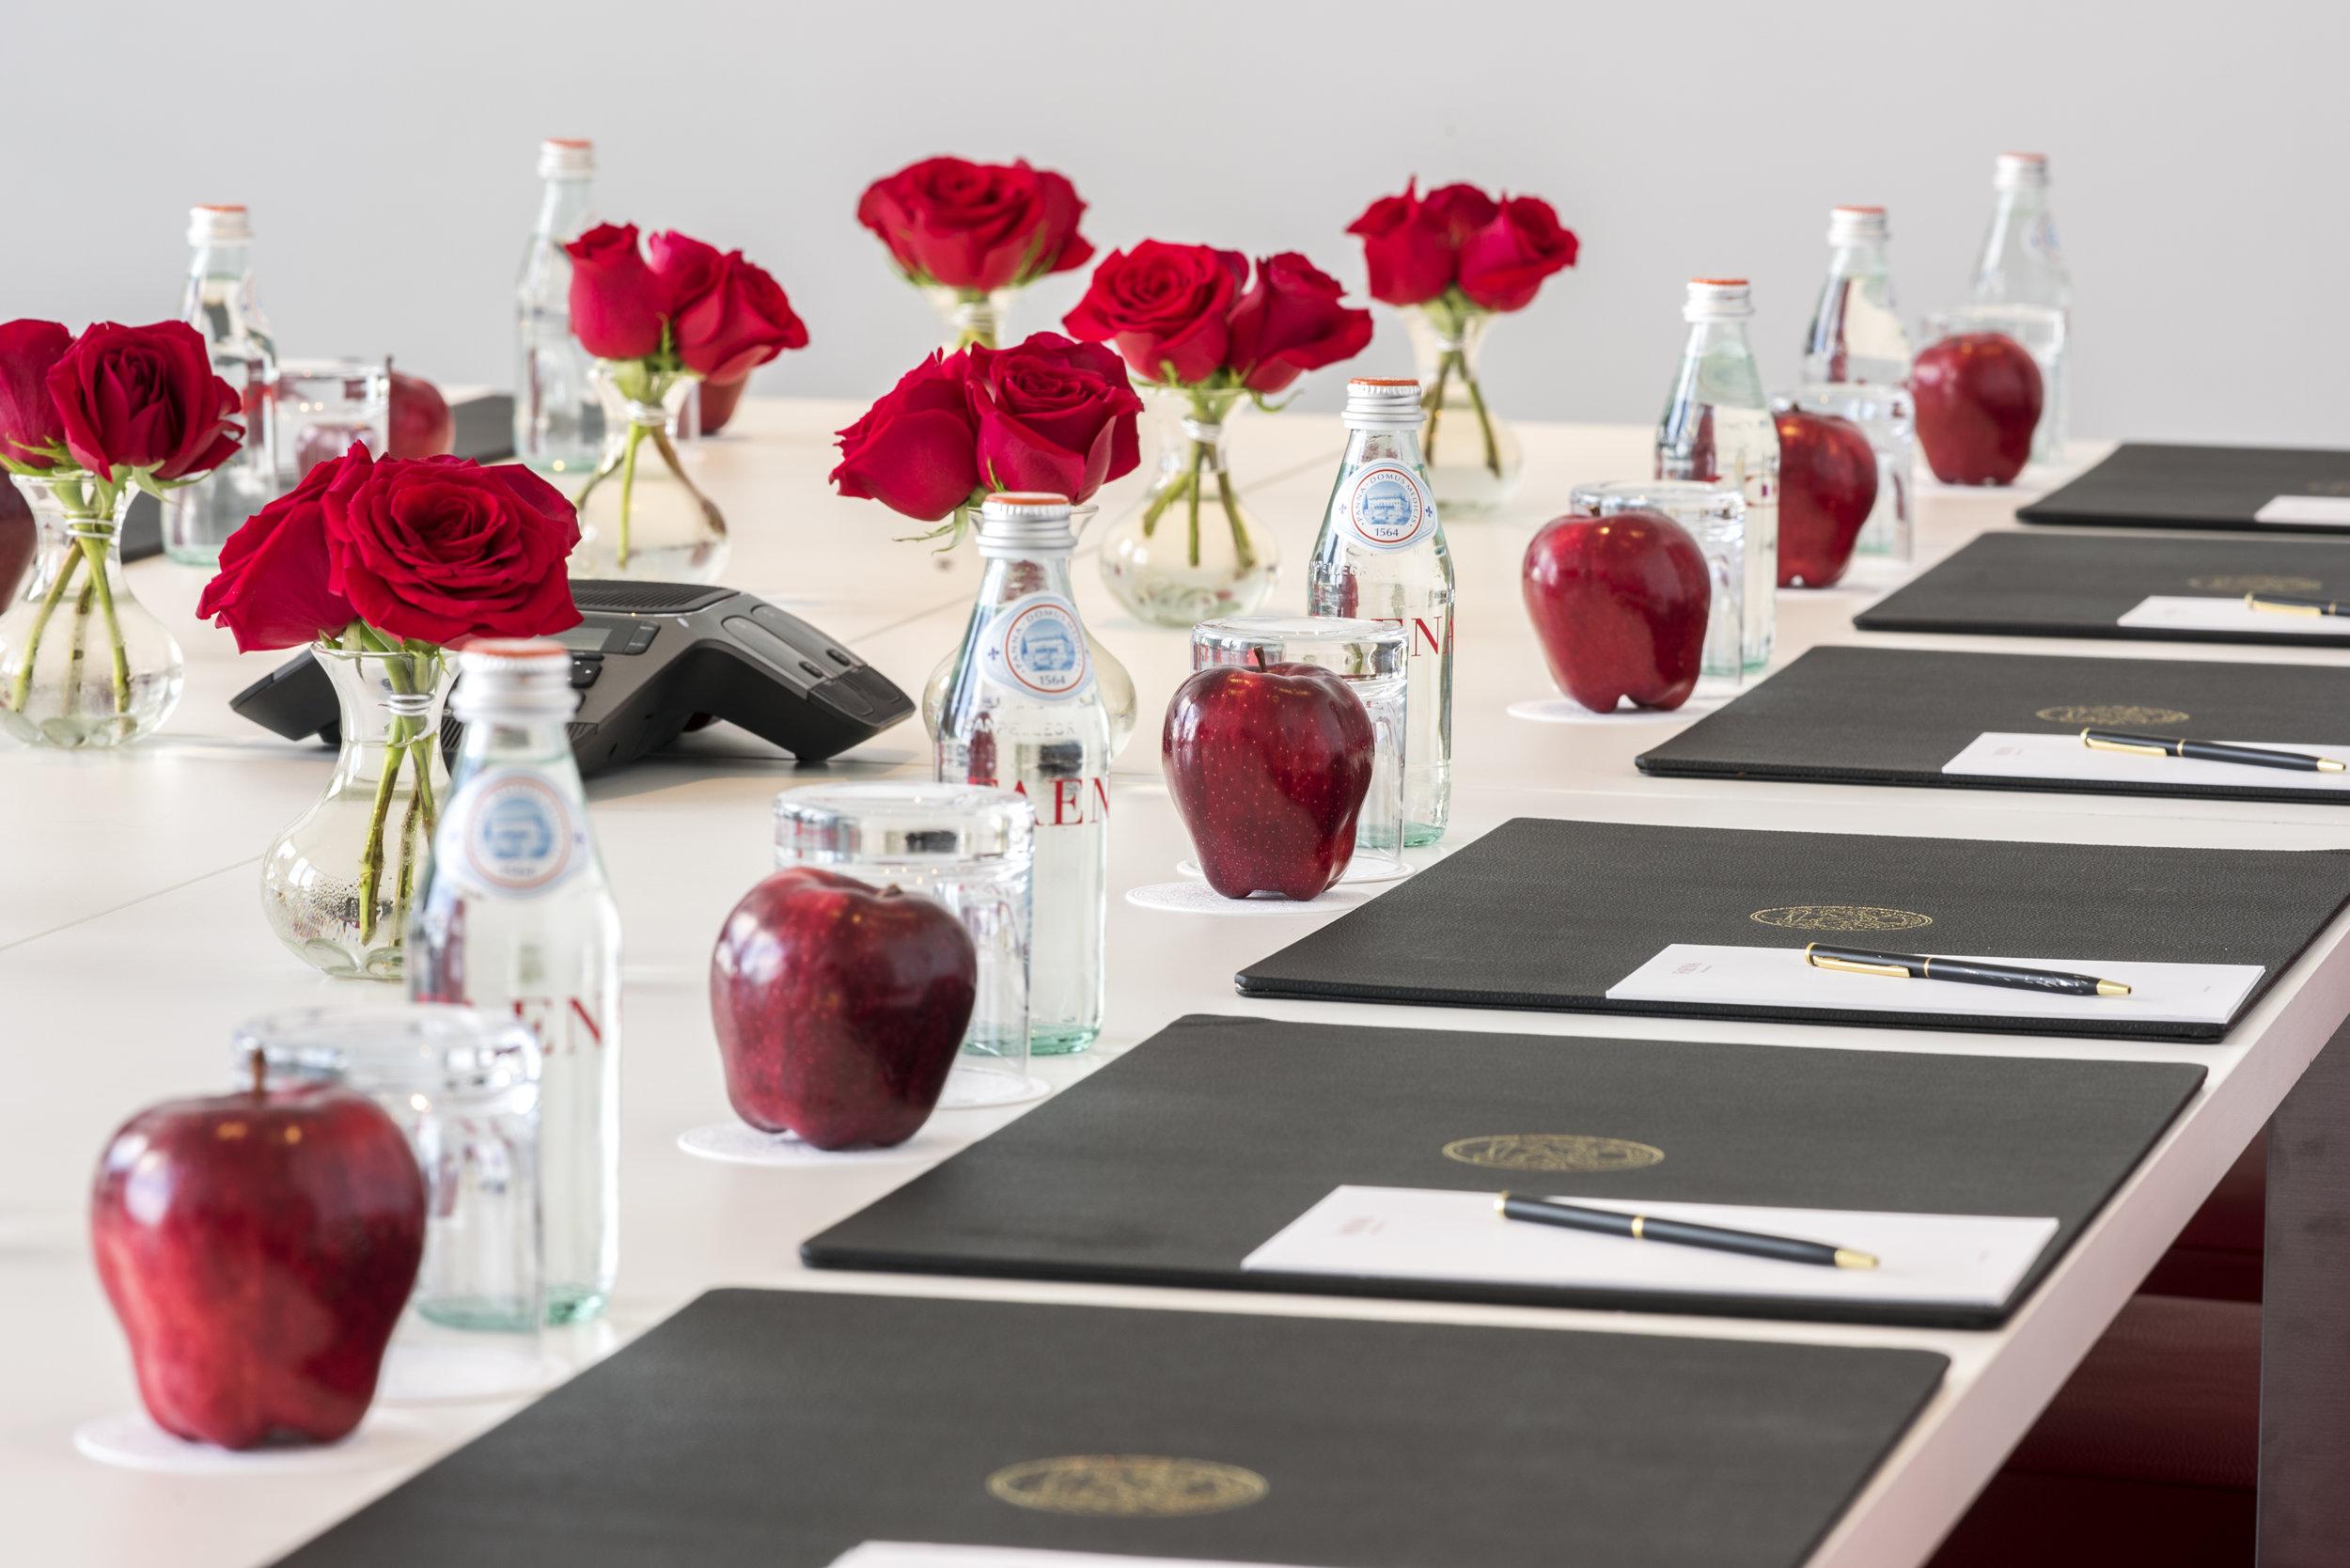 Forum_Meeting_Room_JFA6250.jpg